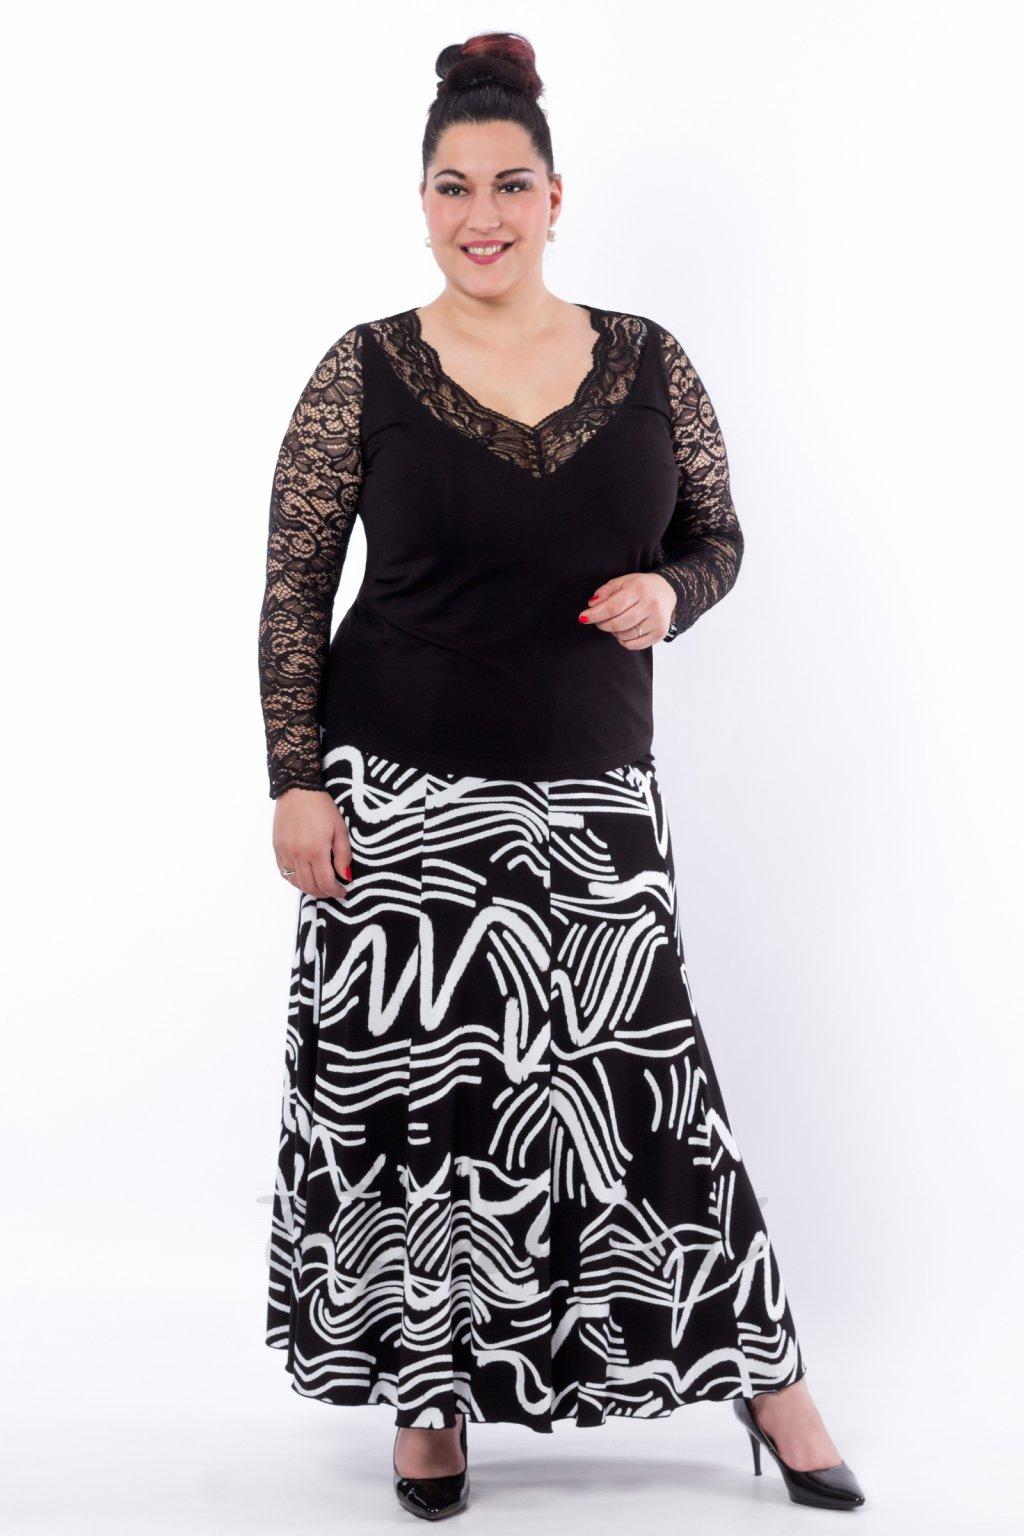 Černobílá sukne pro web2